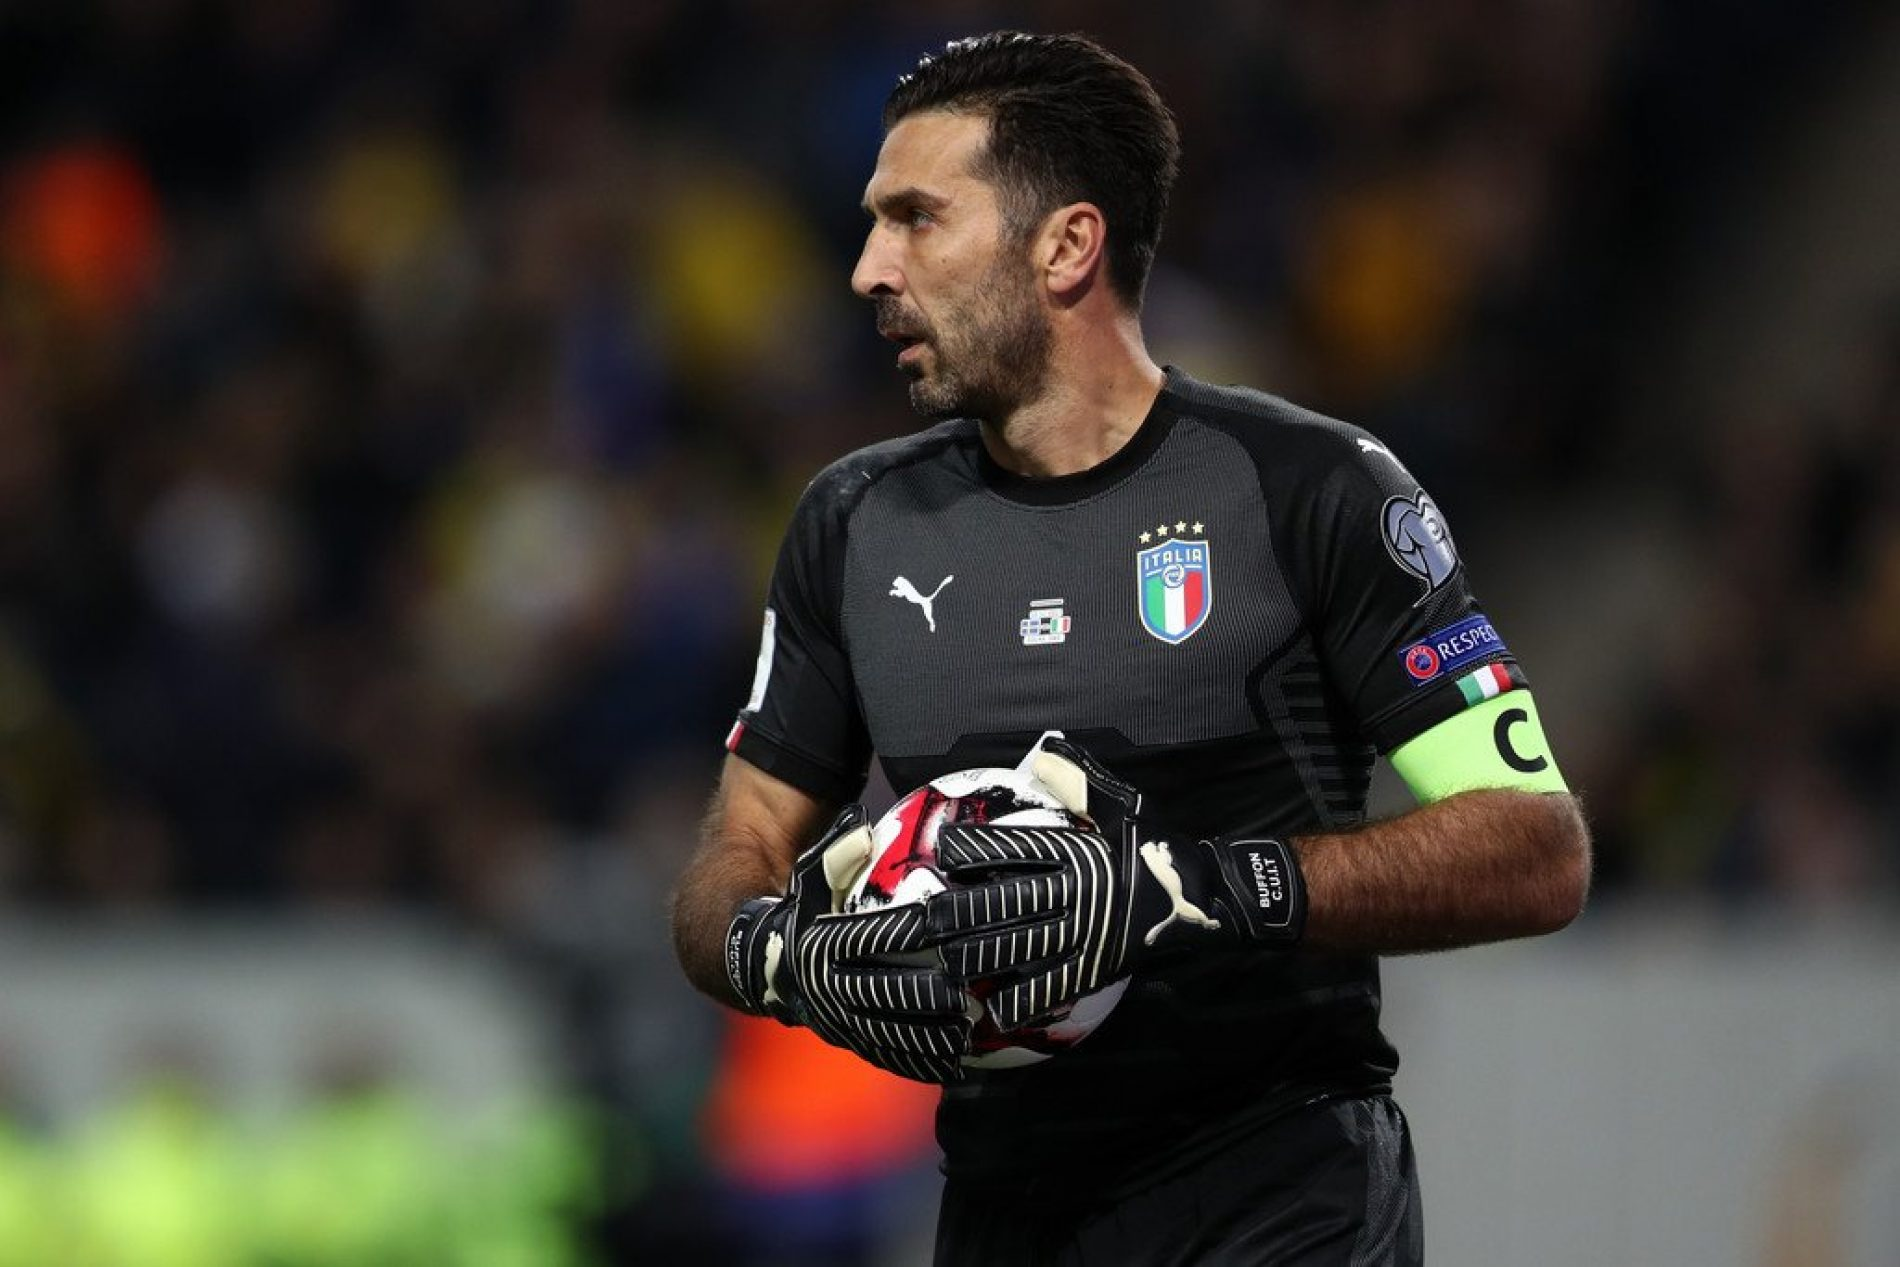 Sorpresa Buffon: in Nazionale fino al 2020!